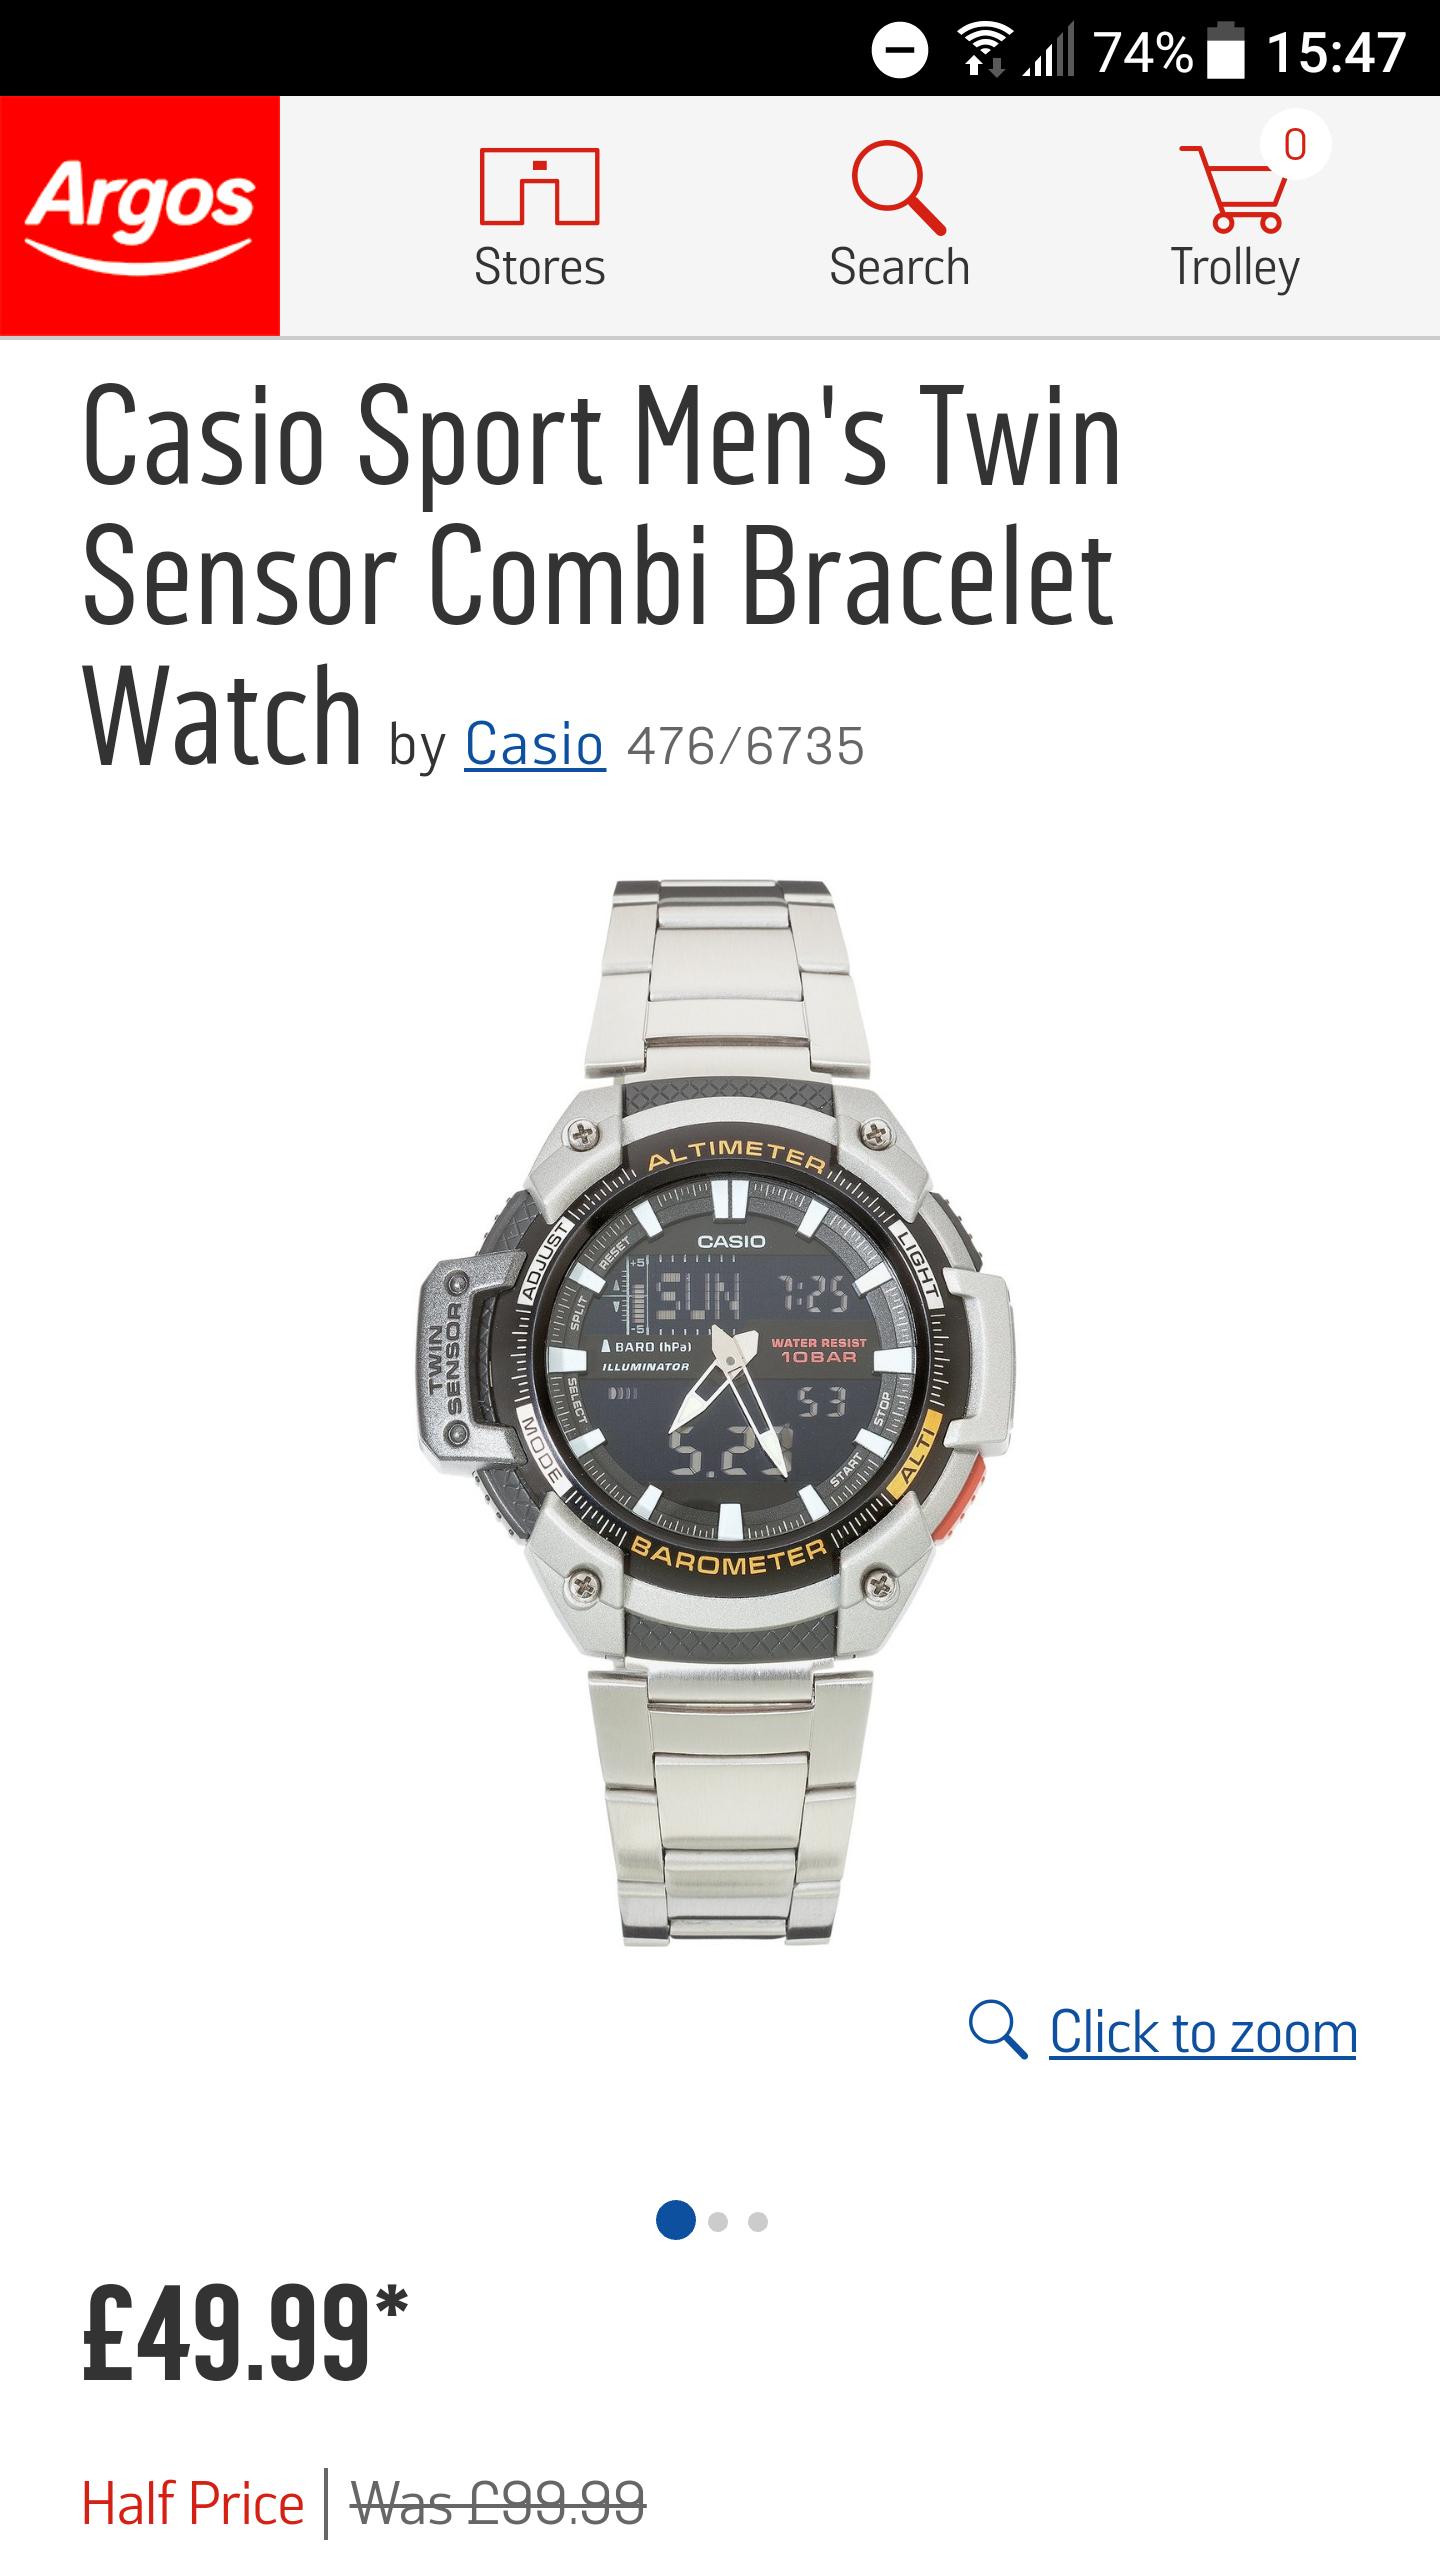 Casio Sport Mens Twin Sensor Combi Bracelet Watch Half Price - £49.99 @ Argos